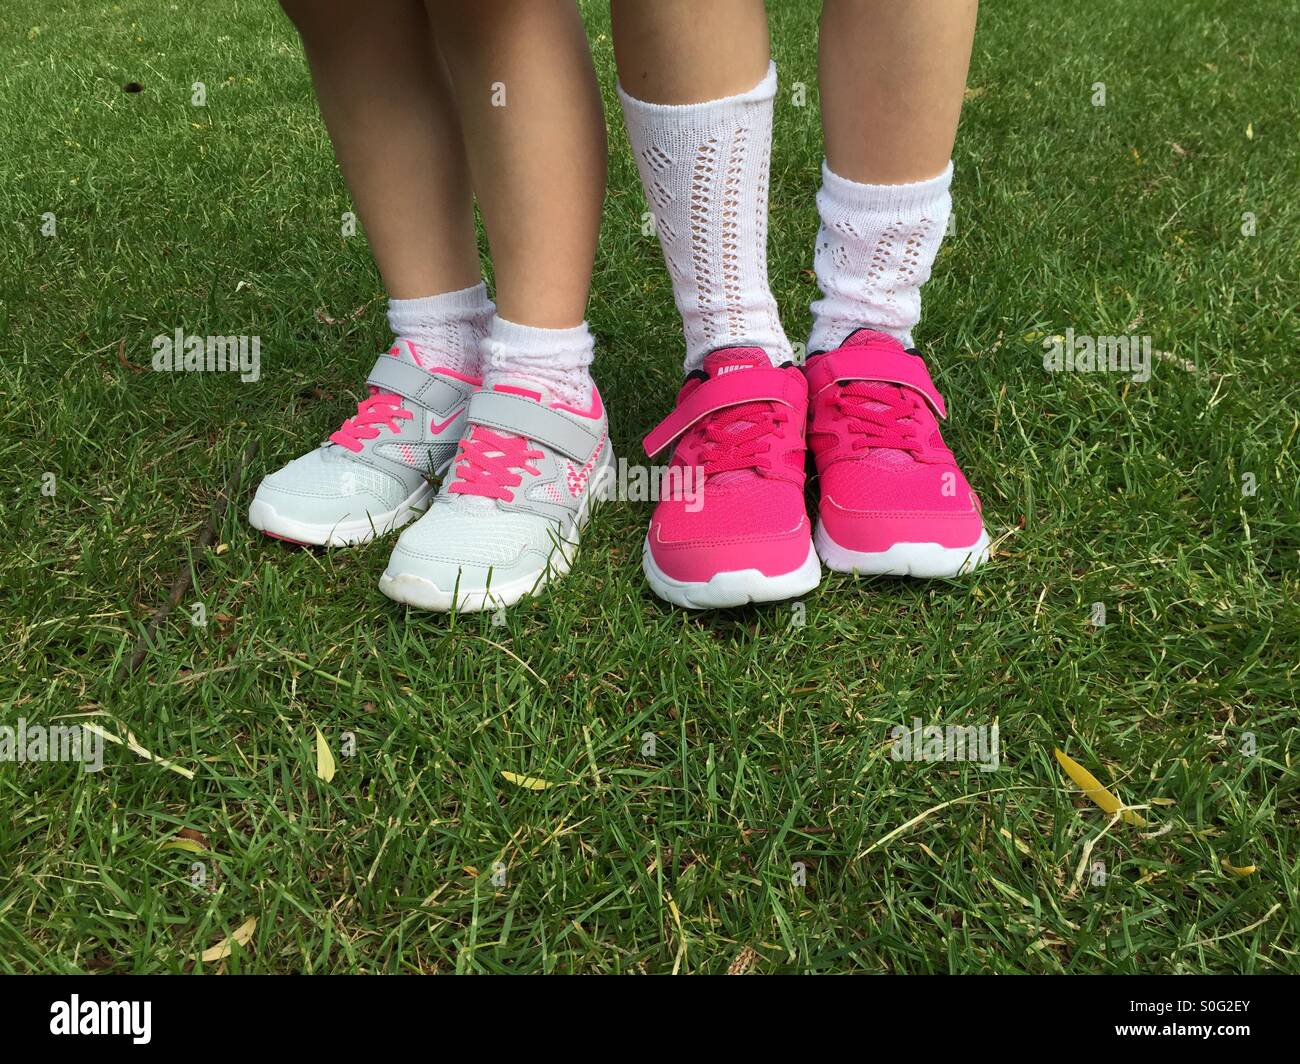 Mädchen Turnschuhe tragenNike Kinder Schuhe Füßeneuen PXiOkTZu